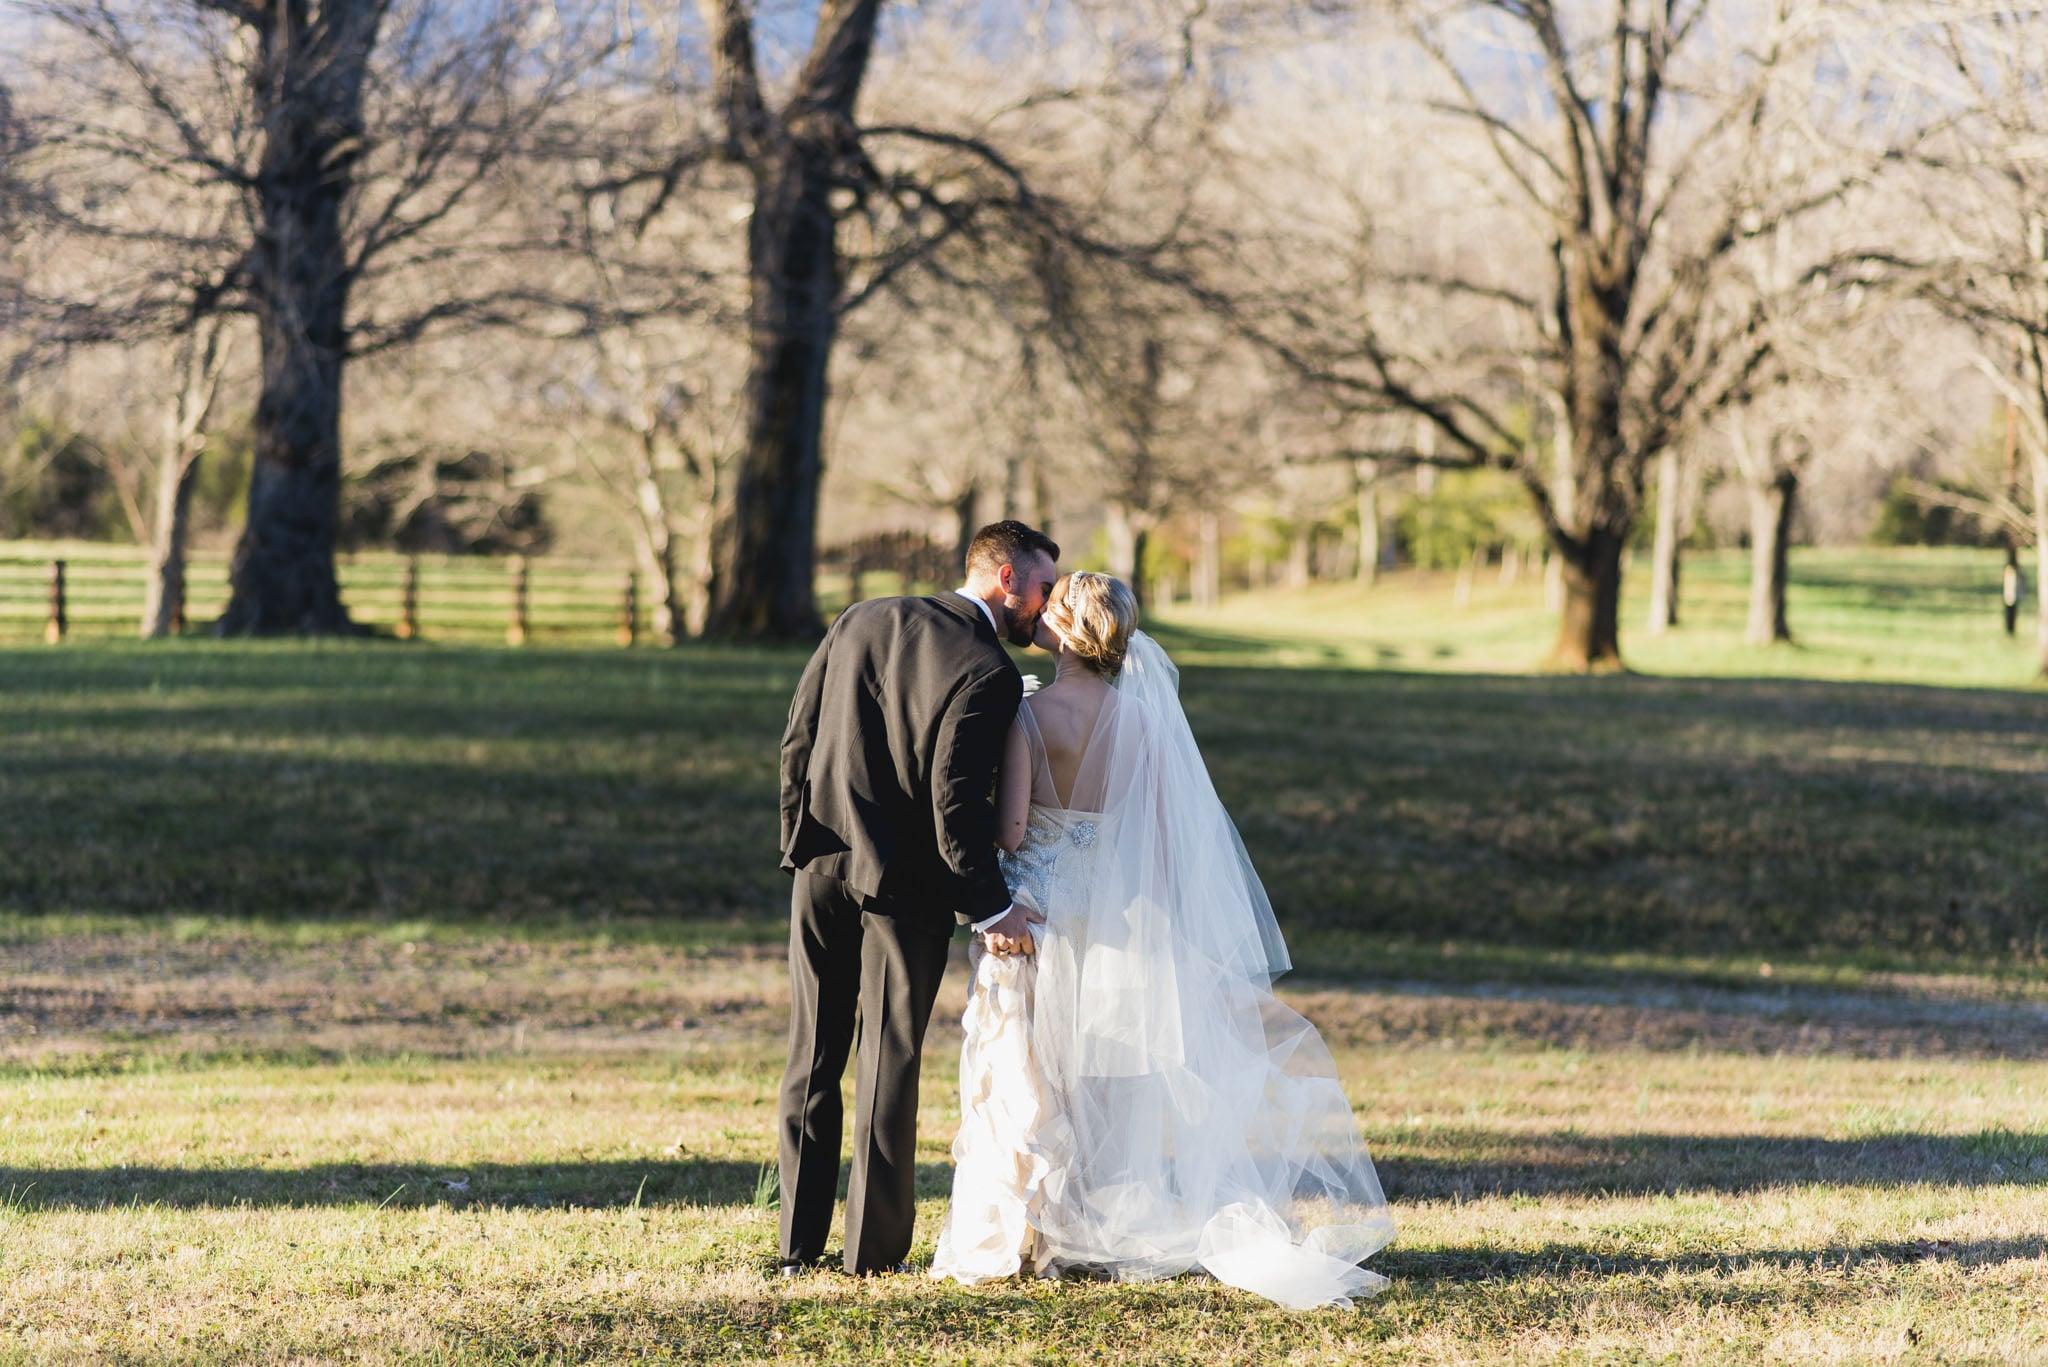 wedding6819.jpg